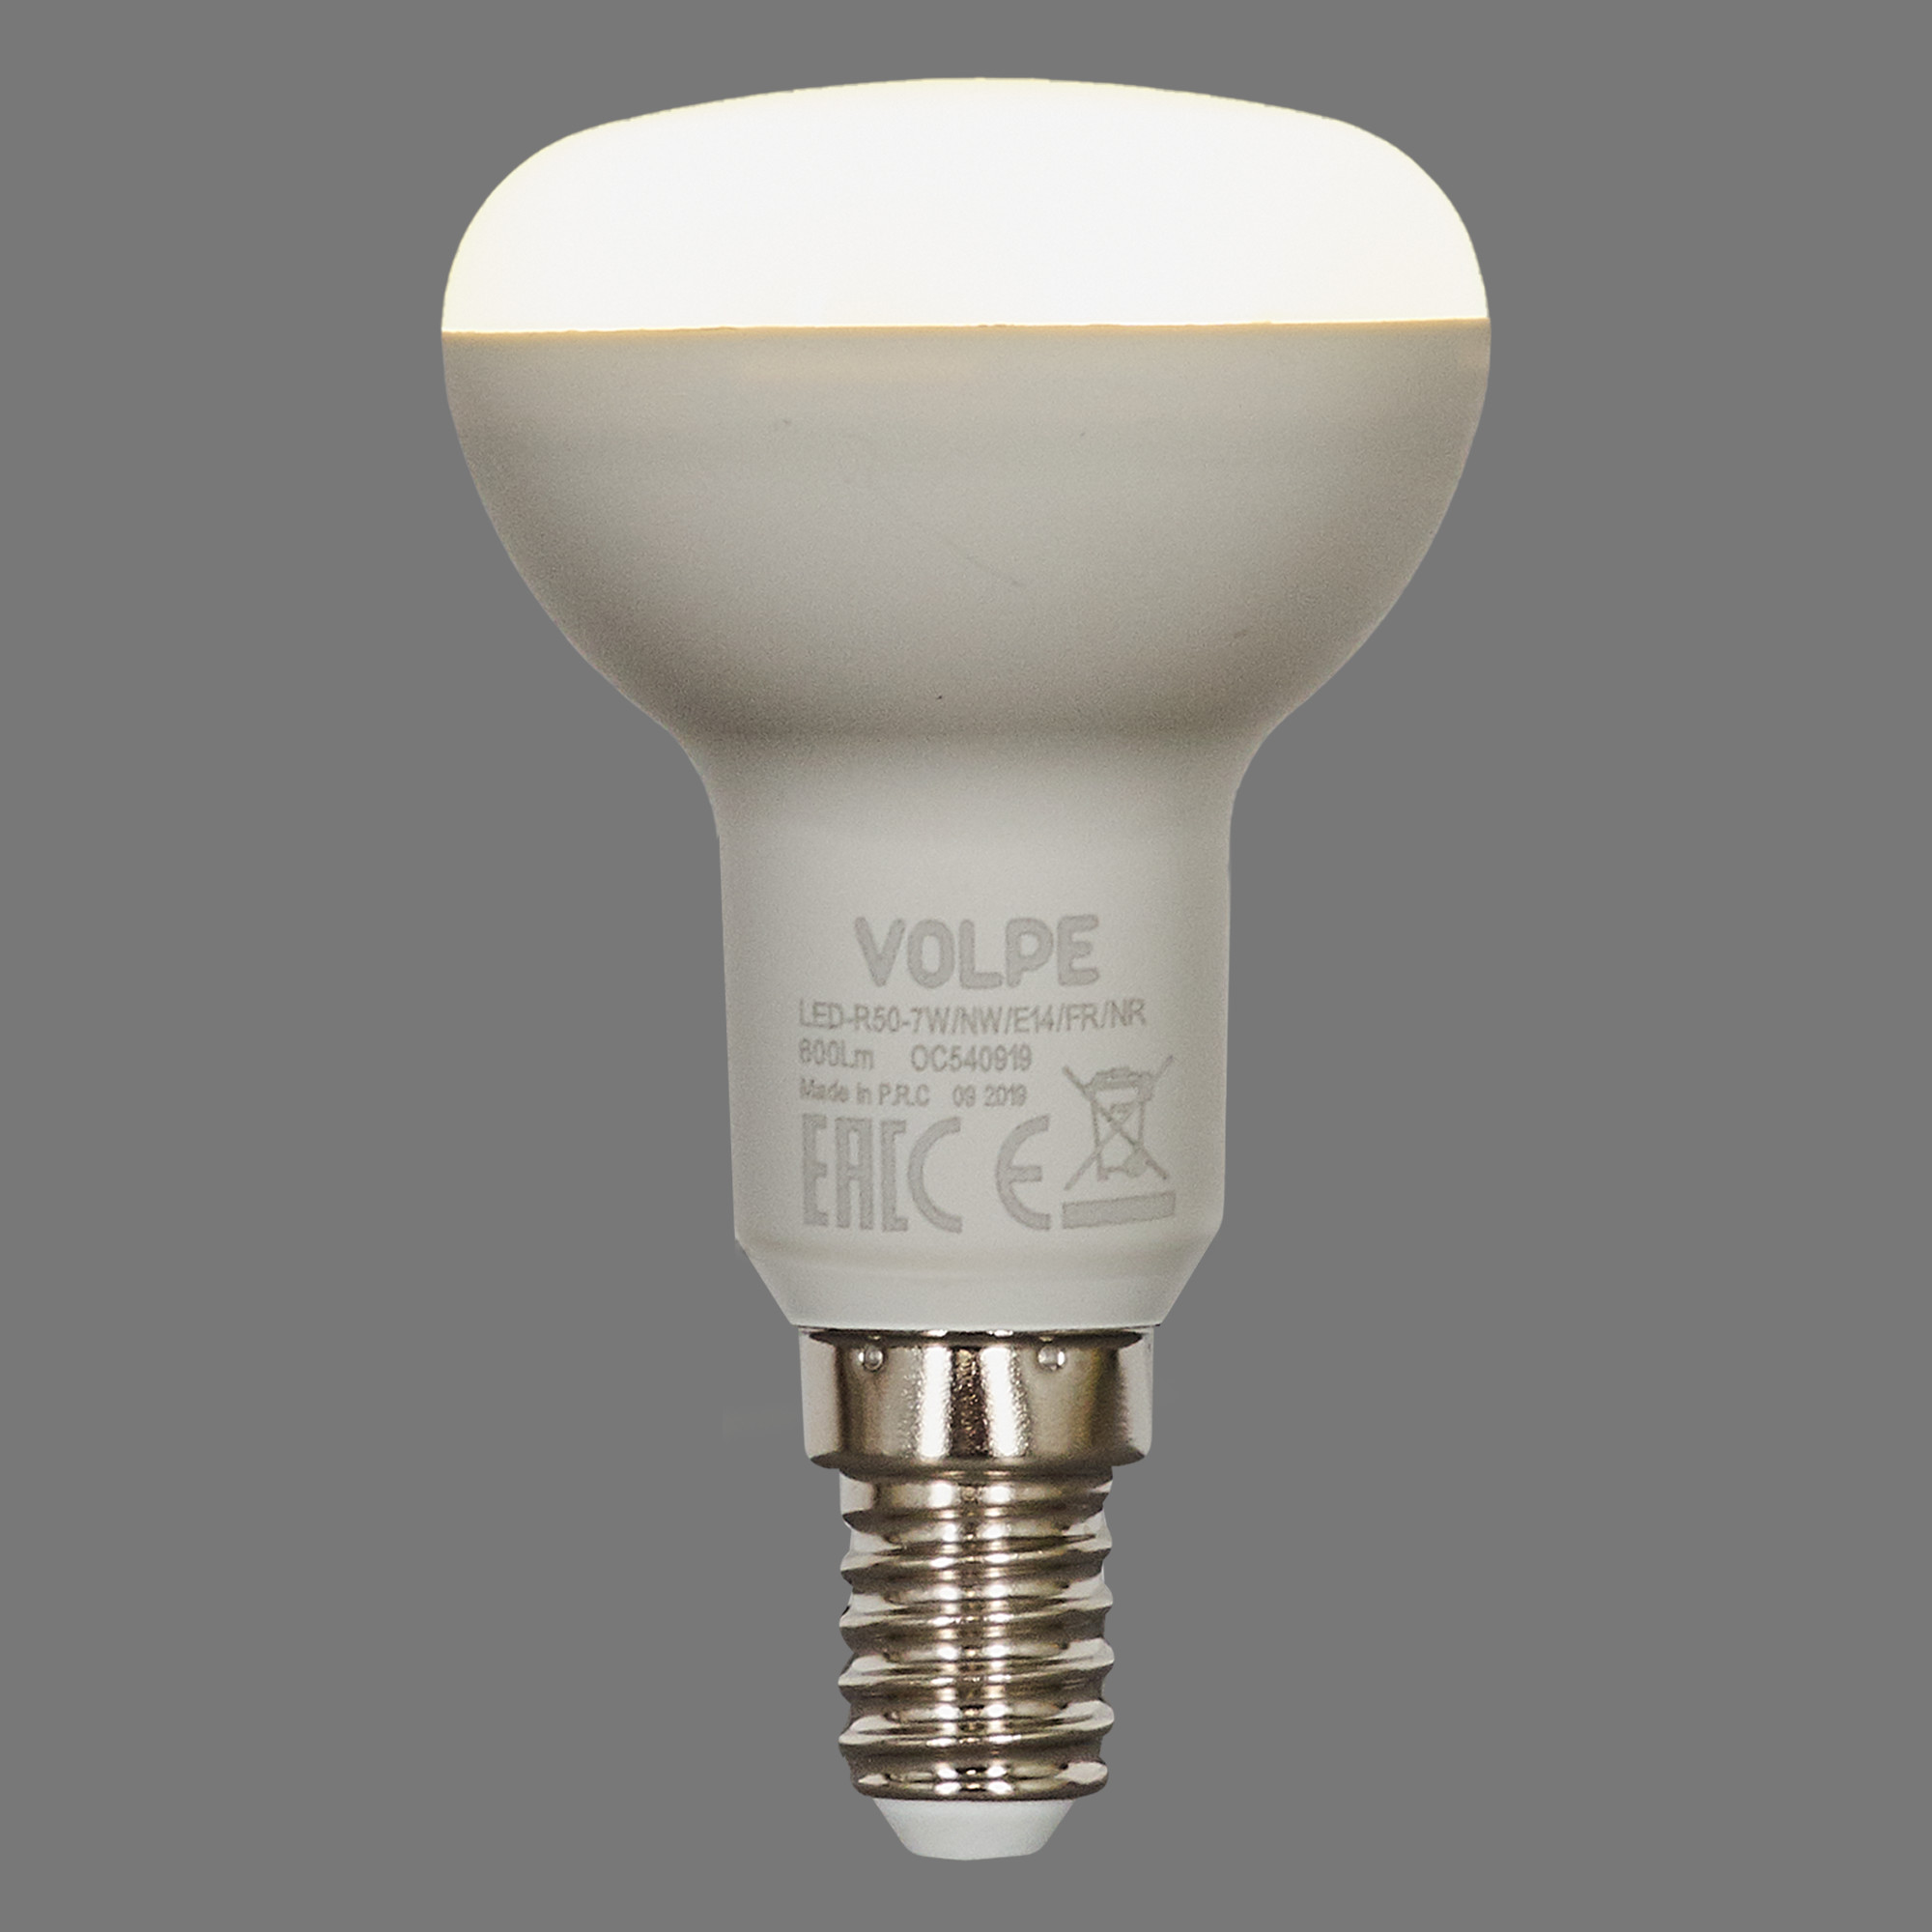 Лампа светодиодная Volpe Norma E14 220 В 7 Вт зеркальная 600 лм белый свет